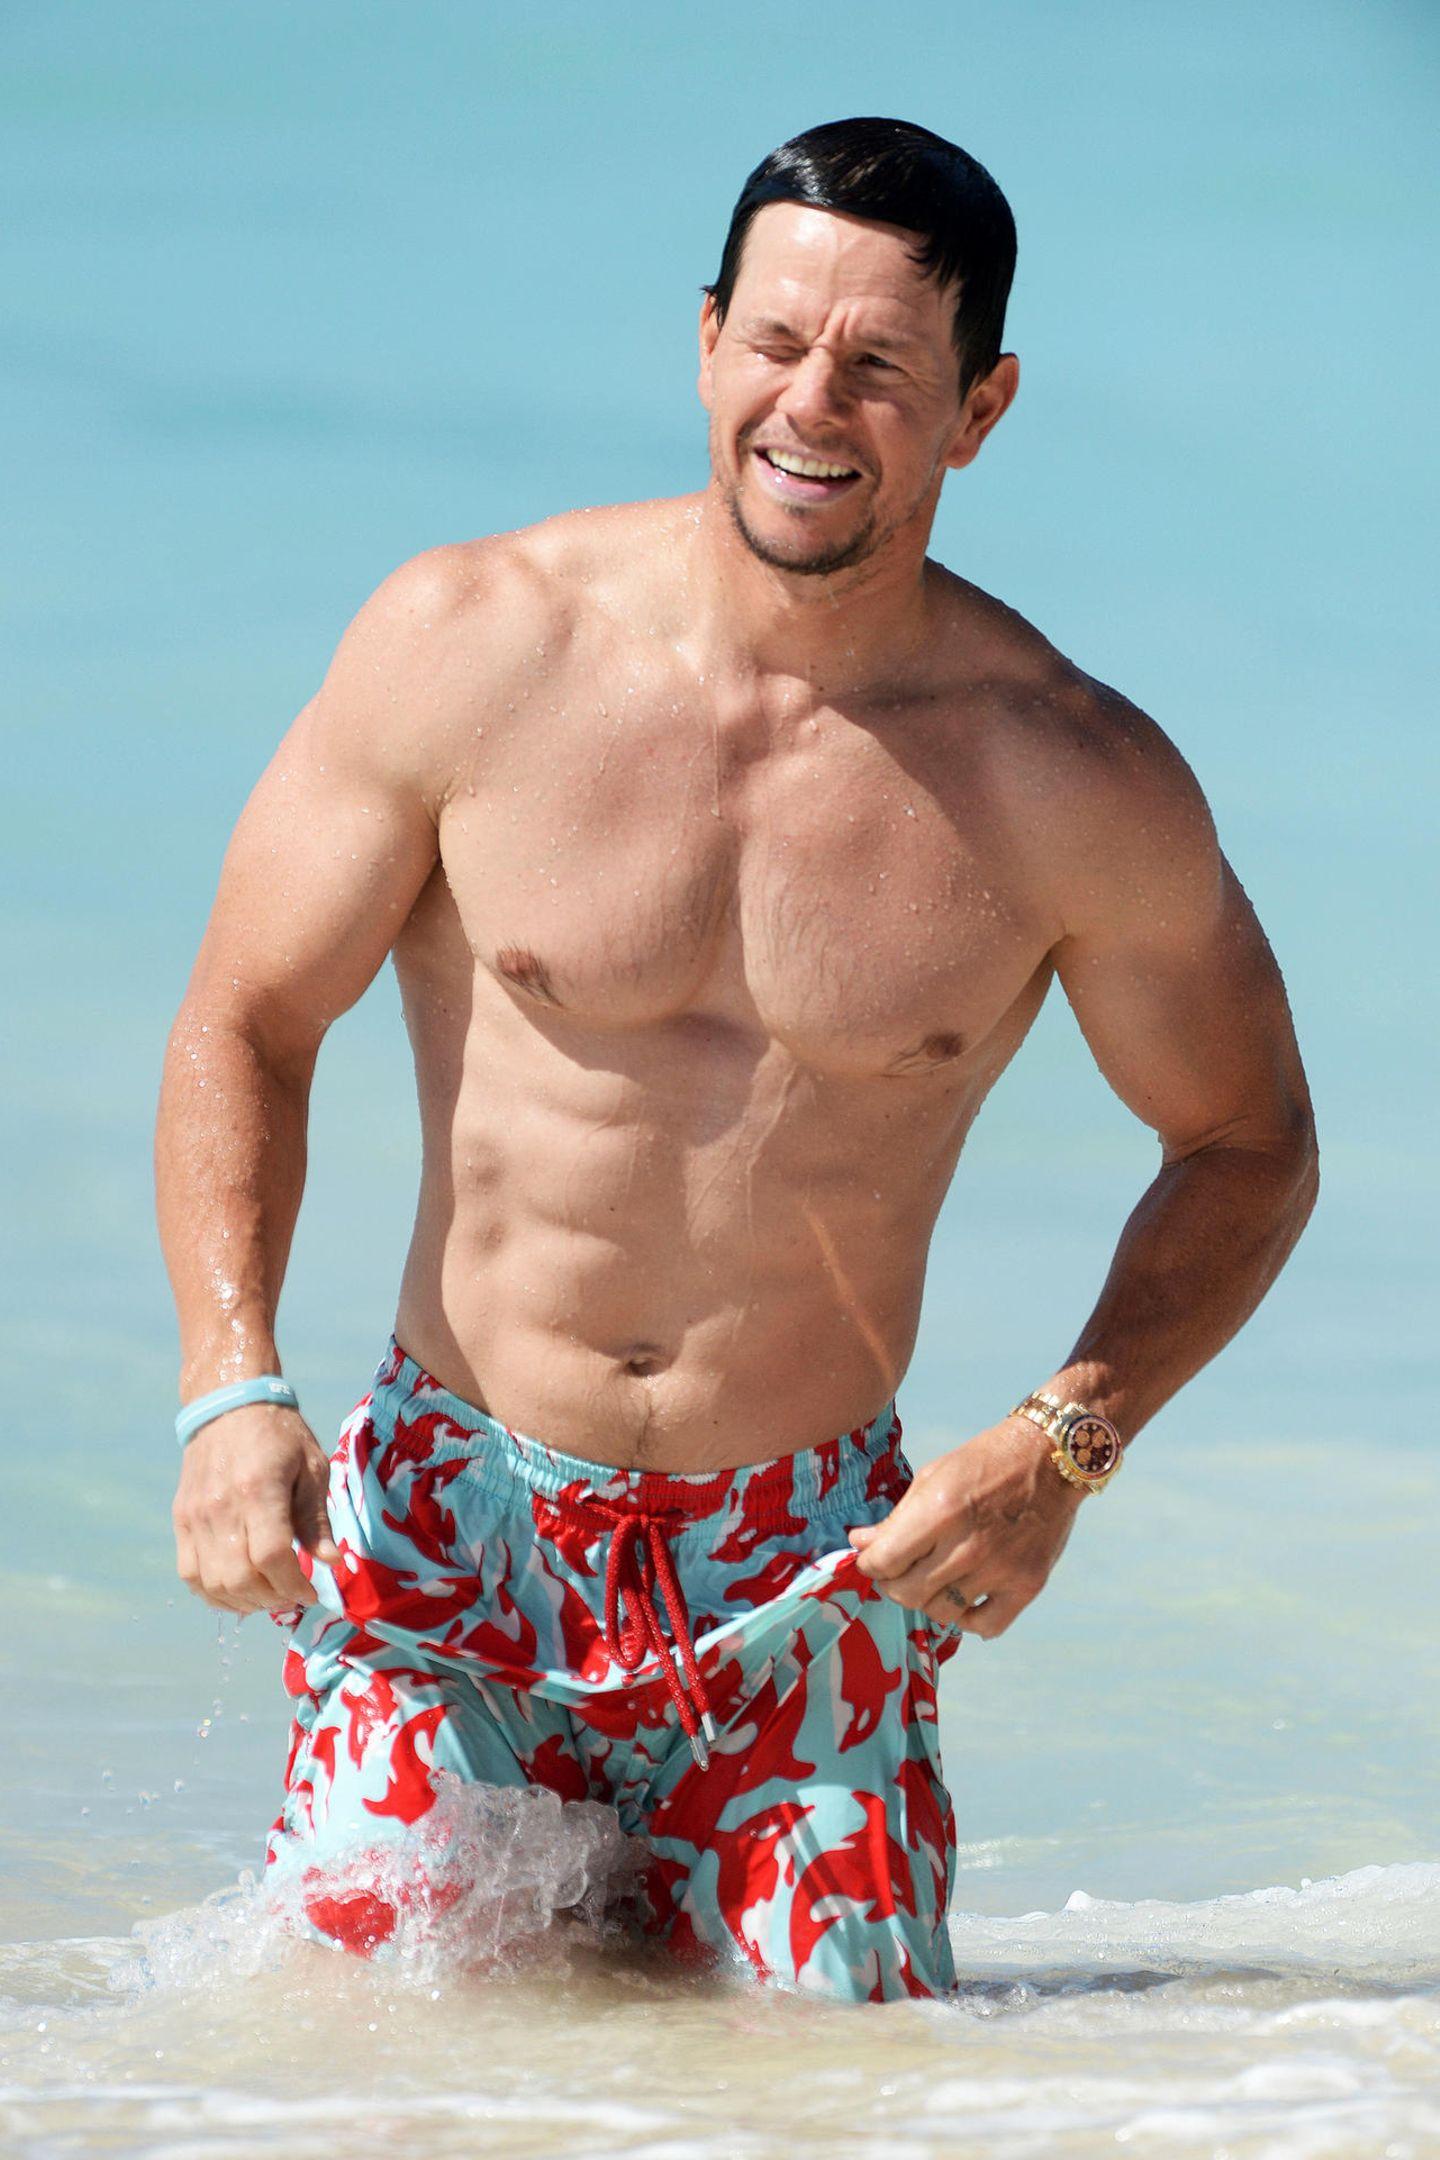 Sixpack ahoi! Mark Wahlberg genießt derzeit mit seinen Liebsten Urlaub auf Barbados. Und zeigt uns dabei, wie gut er als 46-jähriger, vierfacher Familienvater in Form ist.